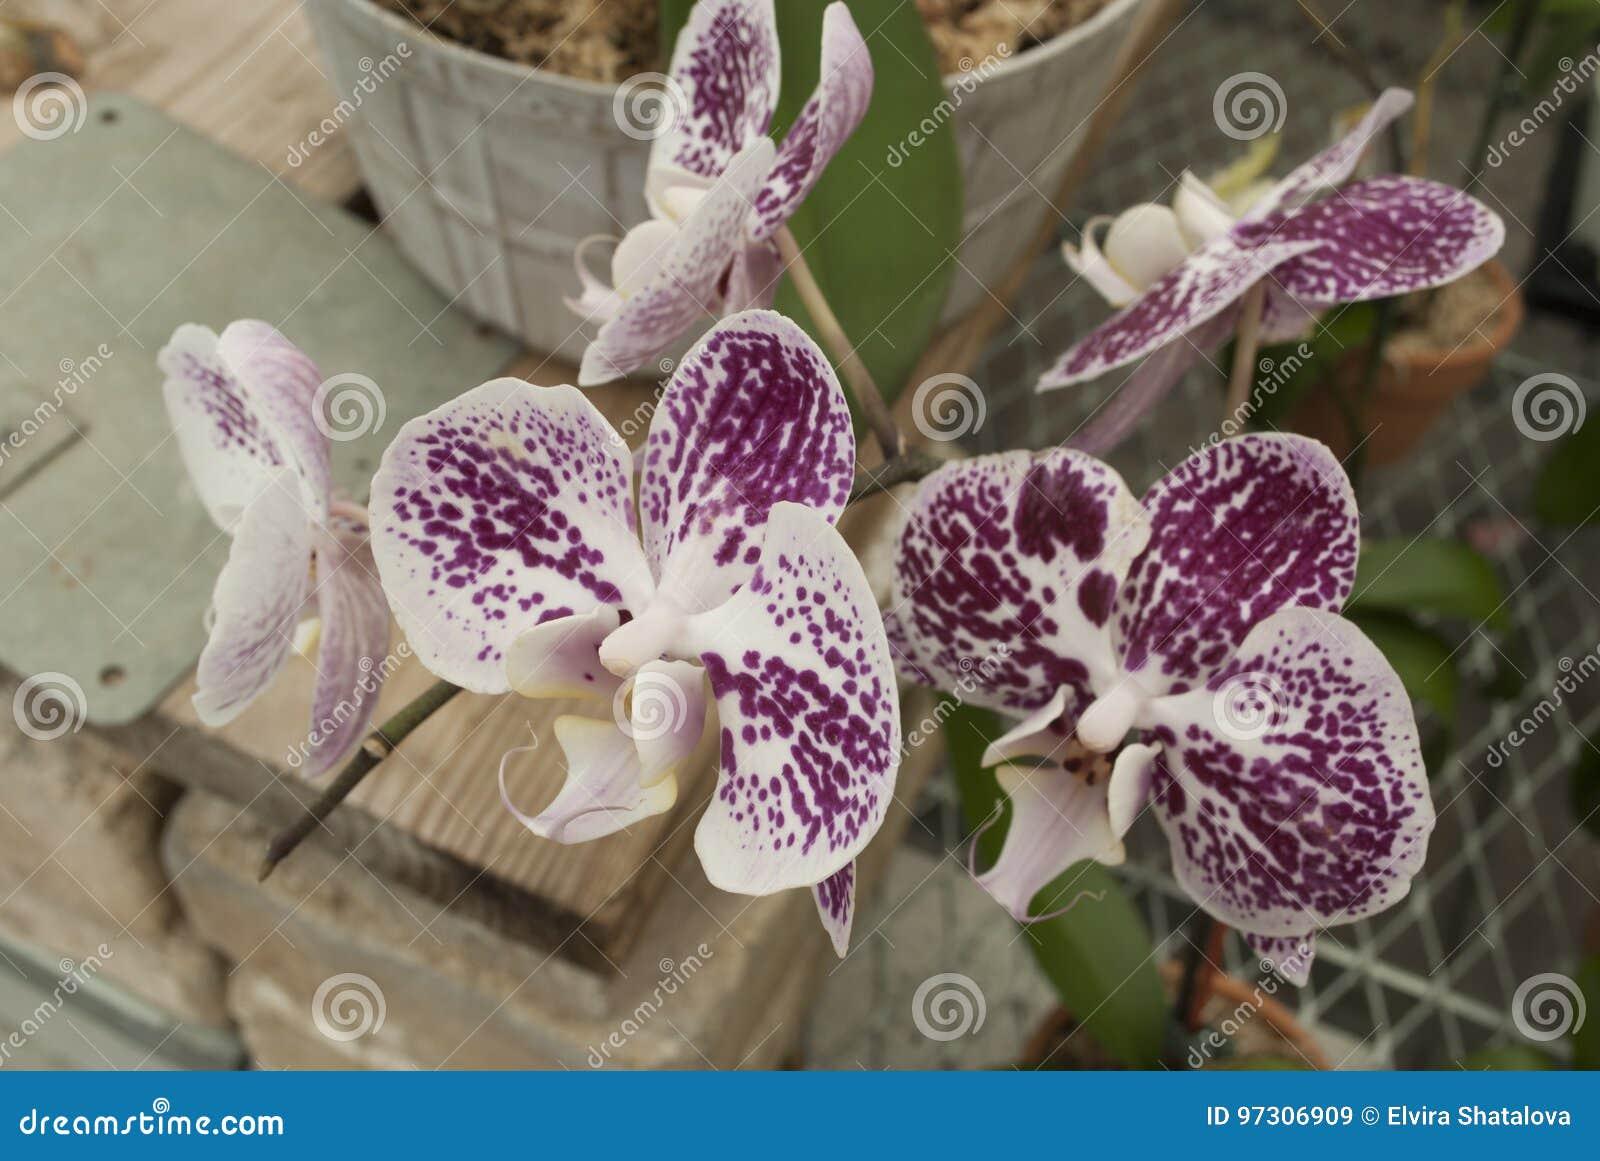 Fleurs Pourprées Colorées D\'orchidée Image stock - Image du soin ...